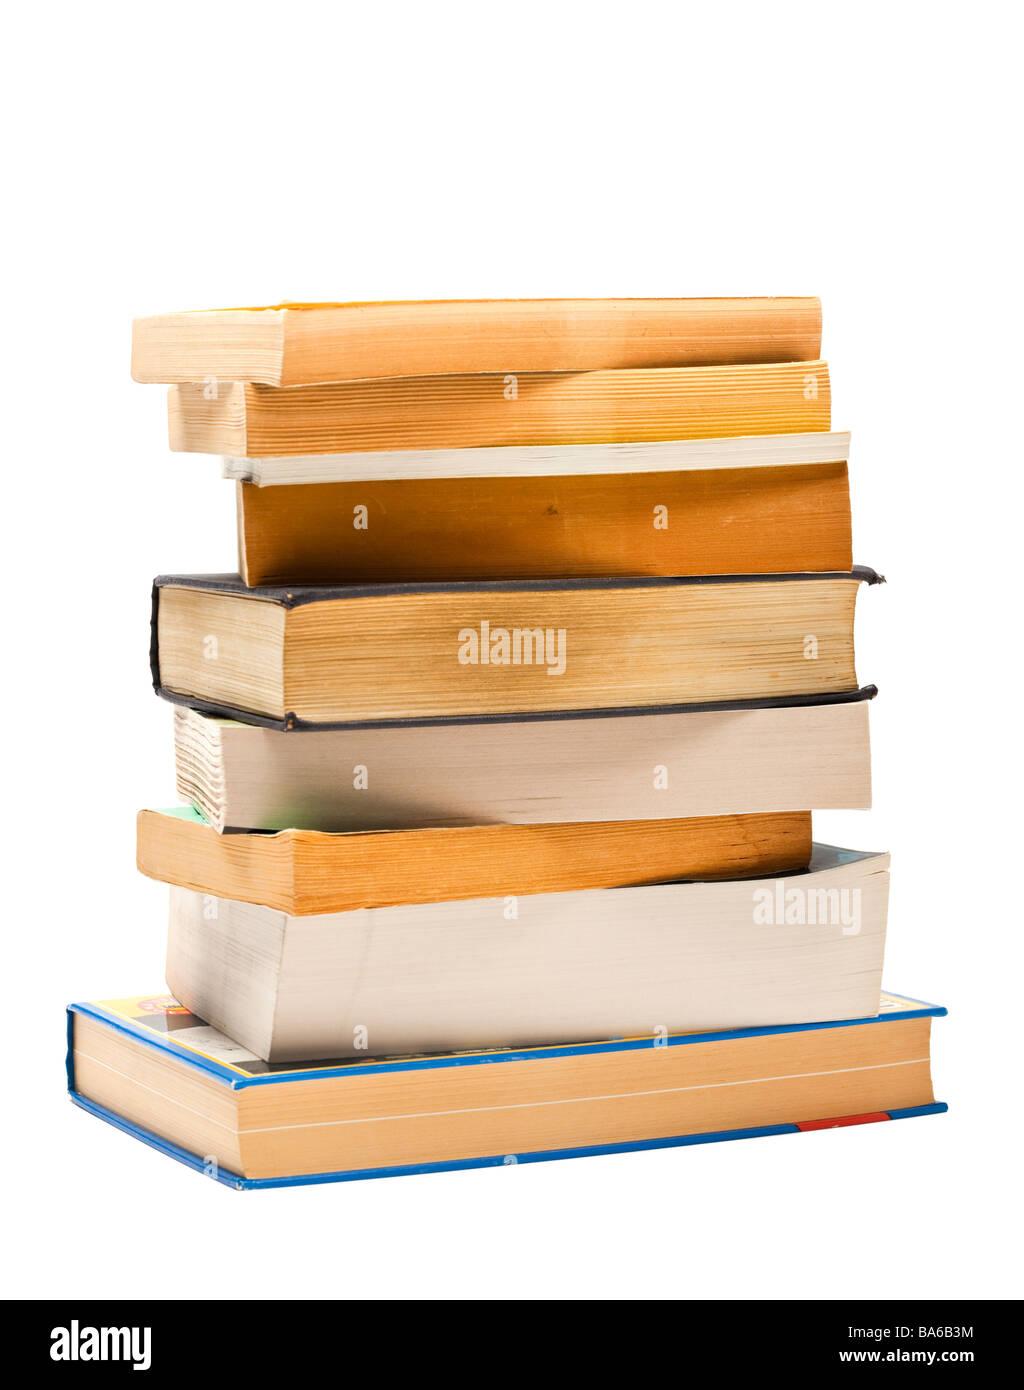 Libros - Pila de libros antiguos sobre fondo blanco. Imagen De Stock